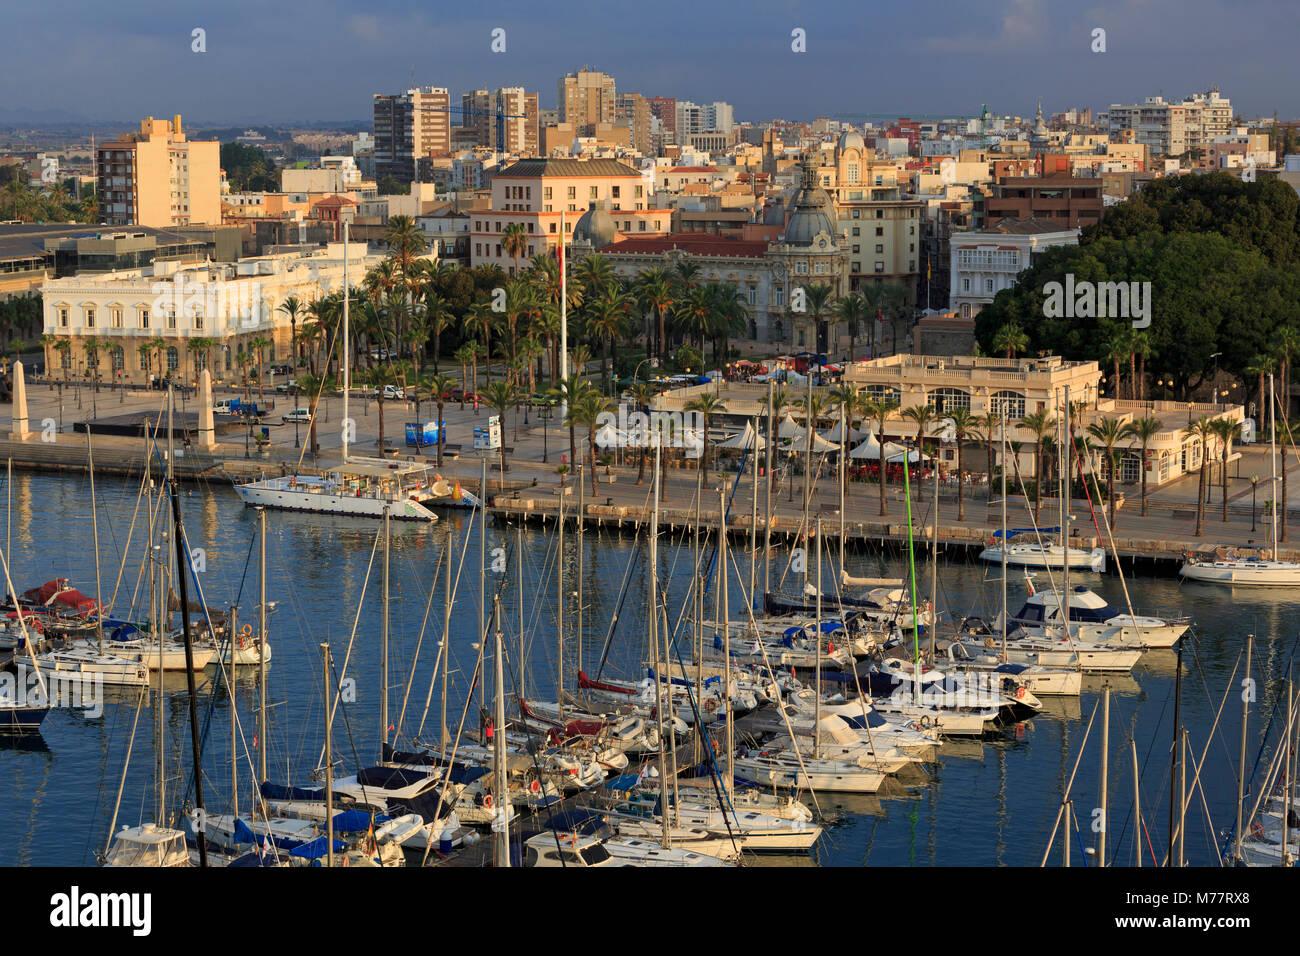 Marina, puerto de Cartagena, Murcia, España, Europa Imagen De Stock